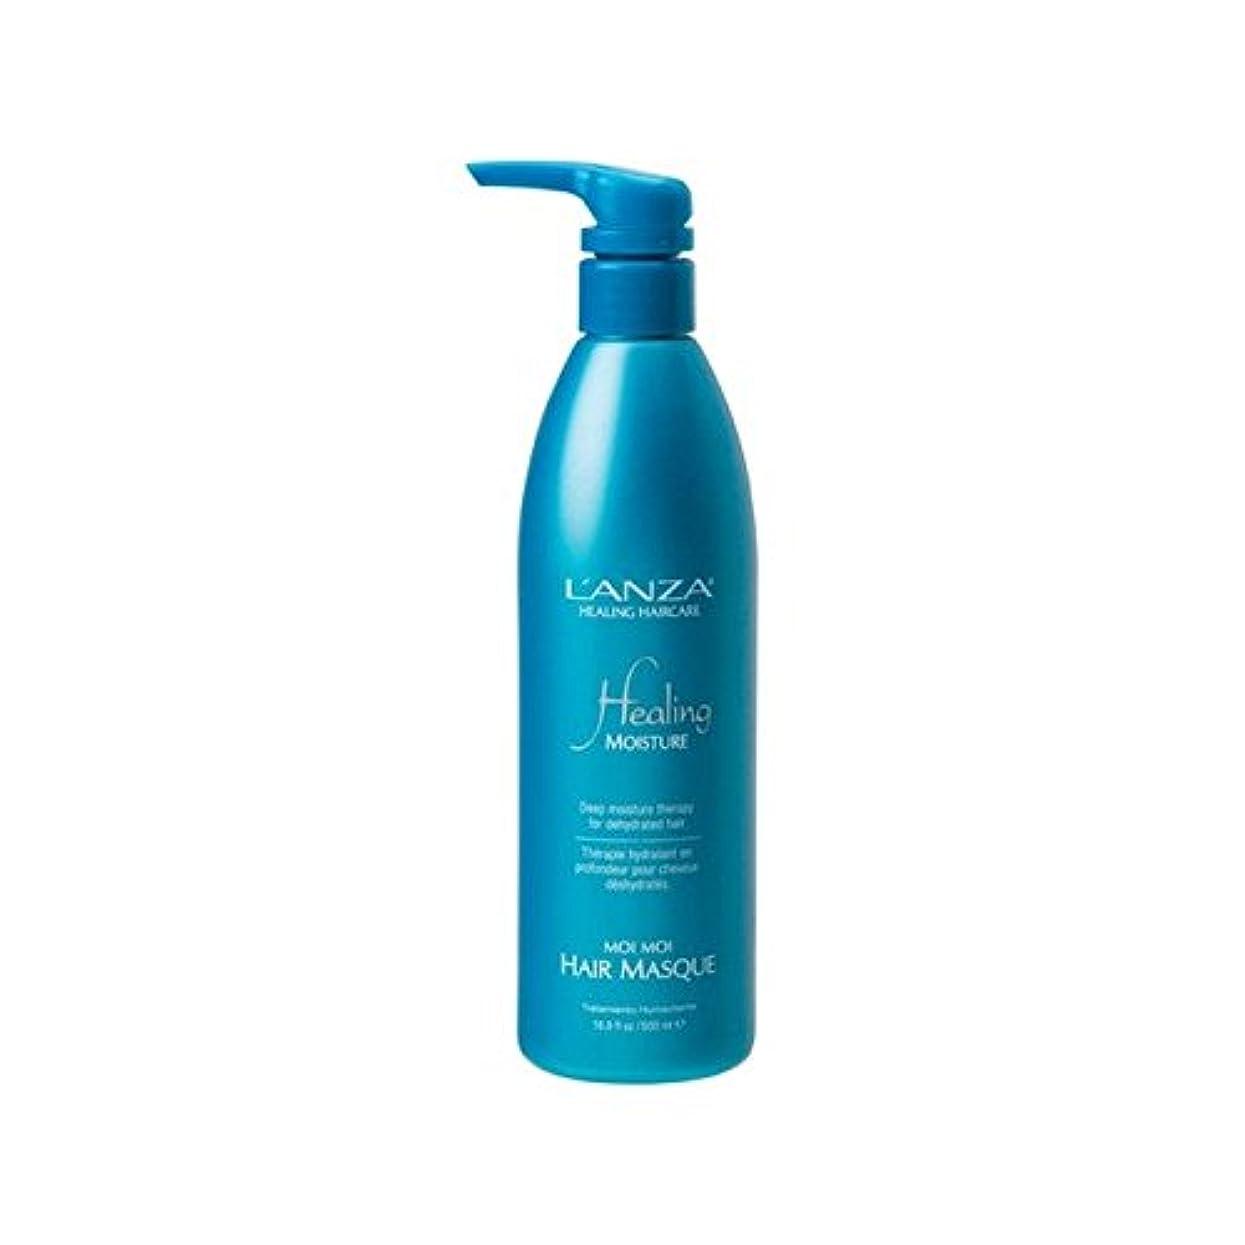 アグネスグレイ滑る扱うアンザ癒しの水分モイモイヘア仮面劇(500ミリリットル) x2 - L'Anza Healing Moisture Moi Moi Hair Masque (500ml) (Pack of 2) [並行輸入品]